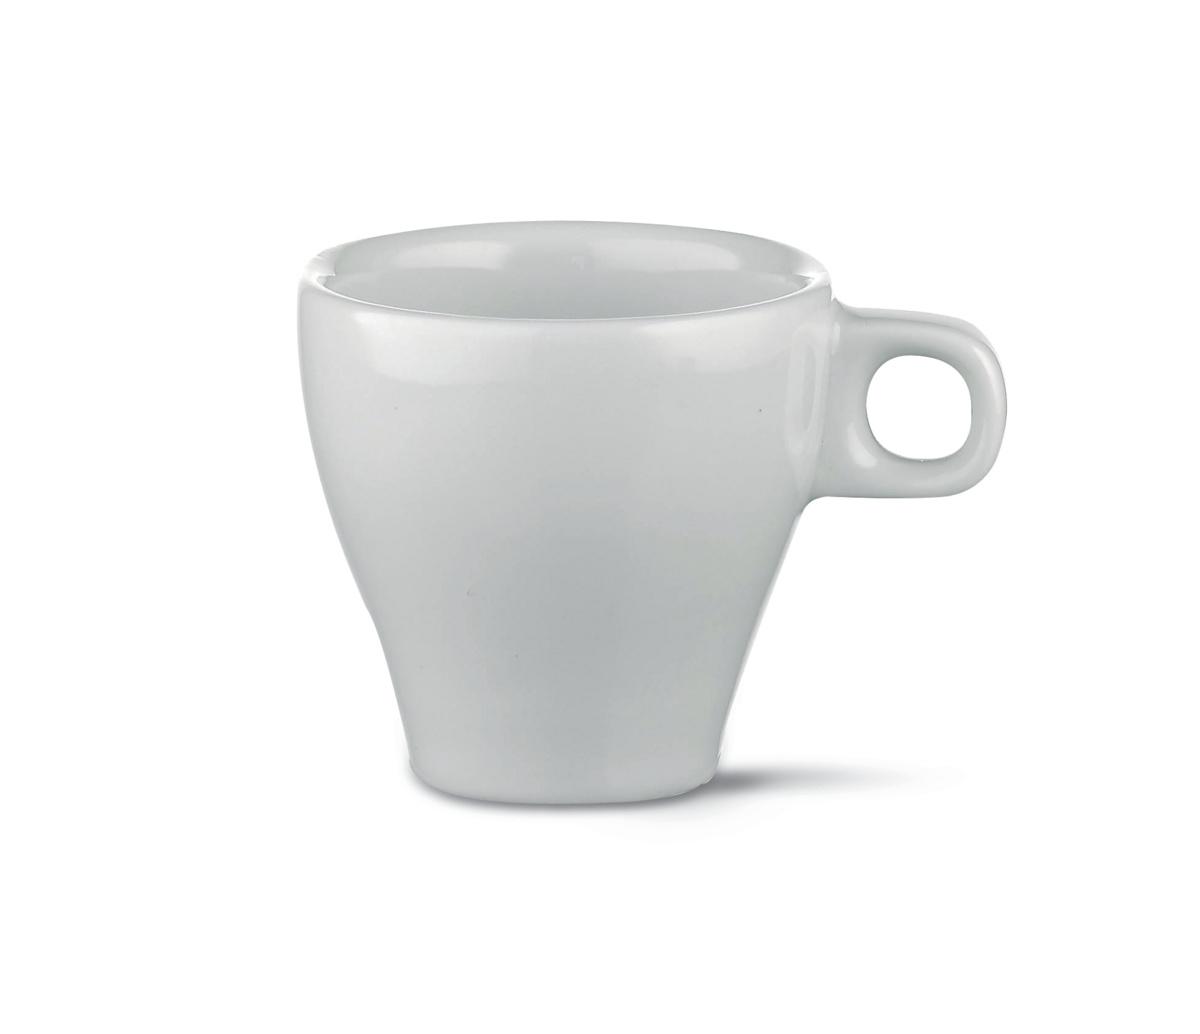 Tasse à expresso ronde blanc porcelaine 7 cl Ø 6,30 cm Paula